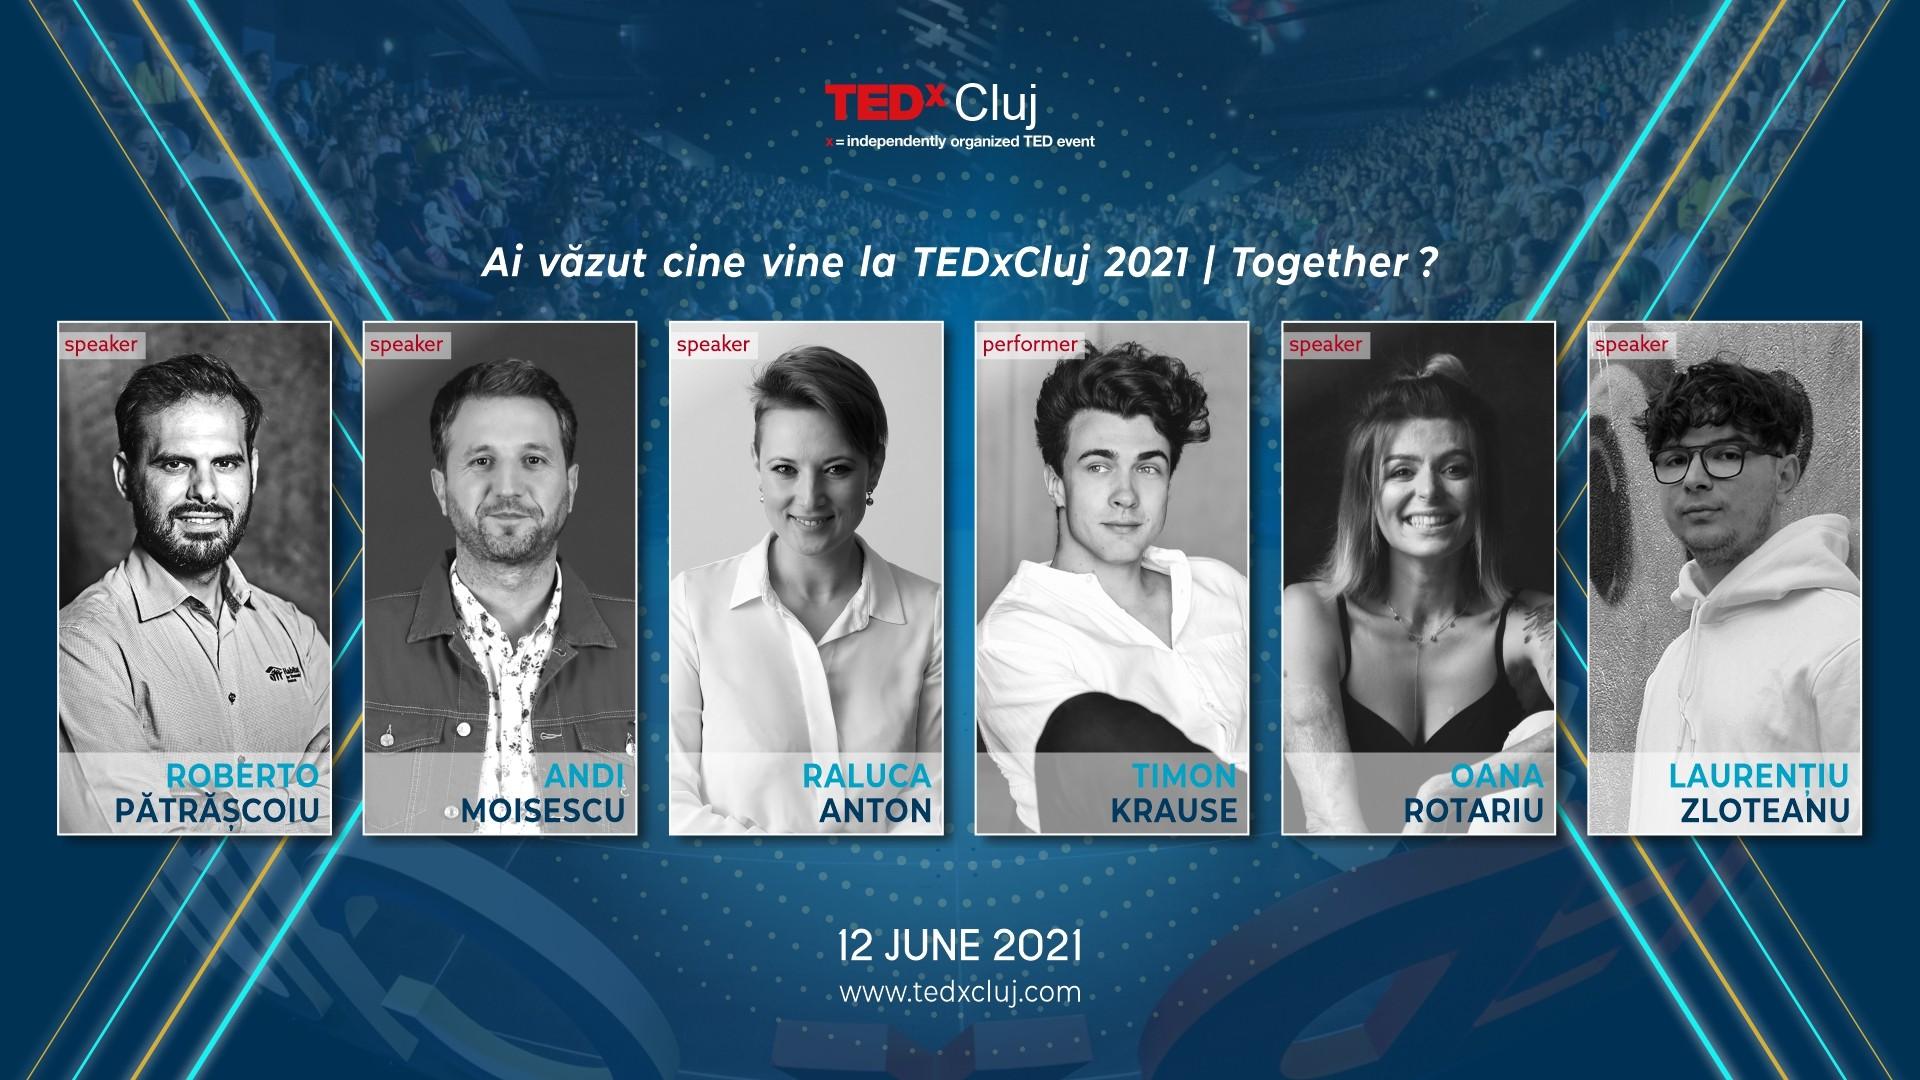 Speakeri TEDxCluj 2021